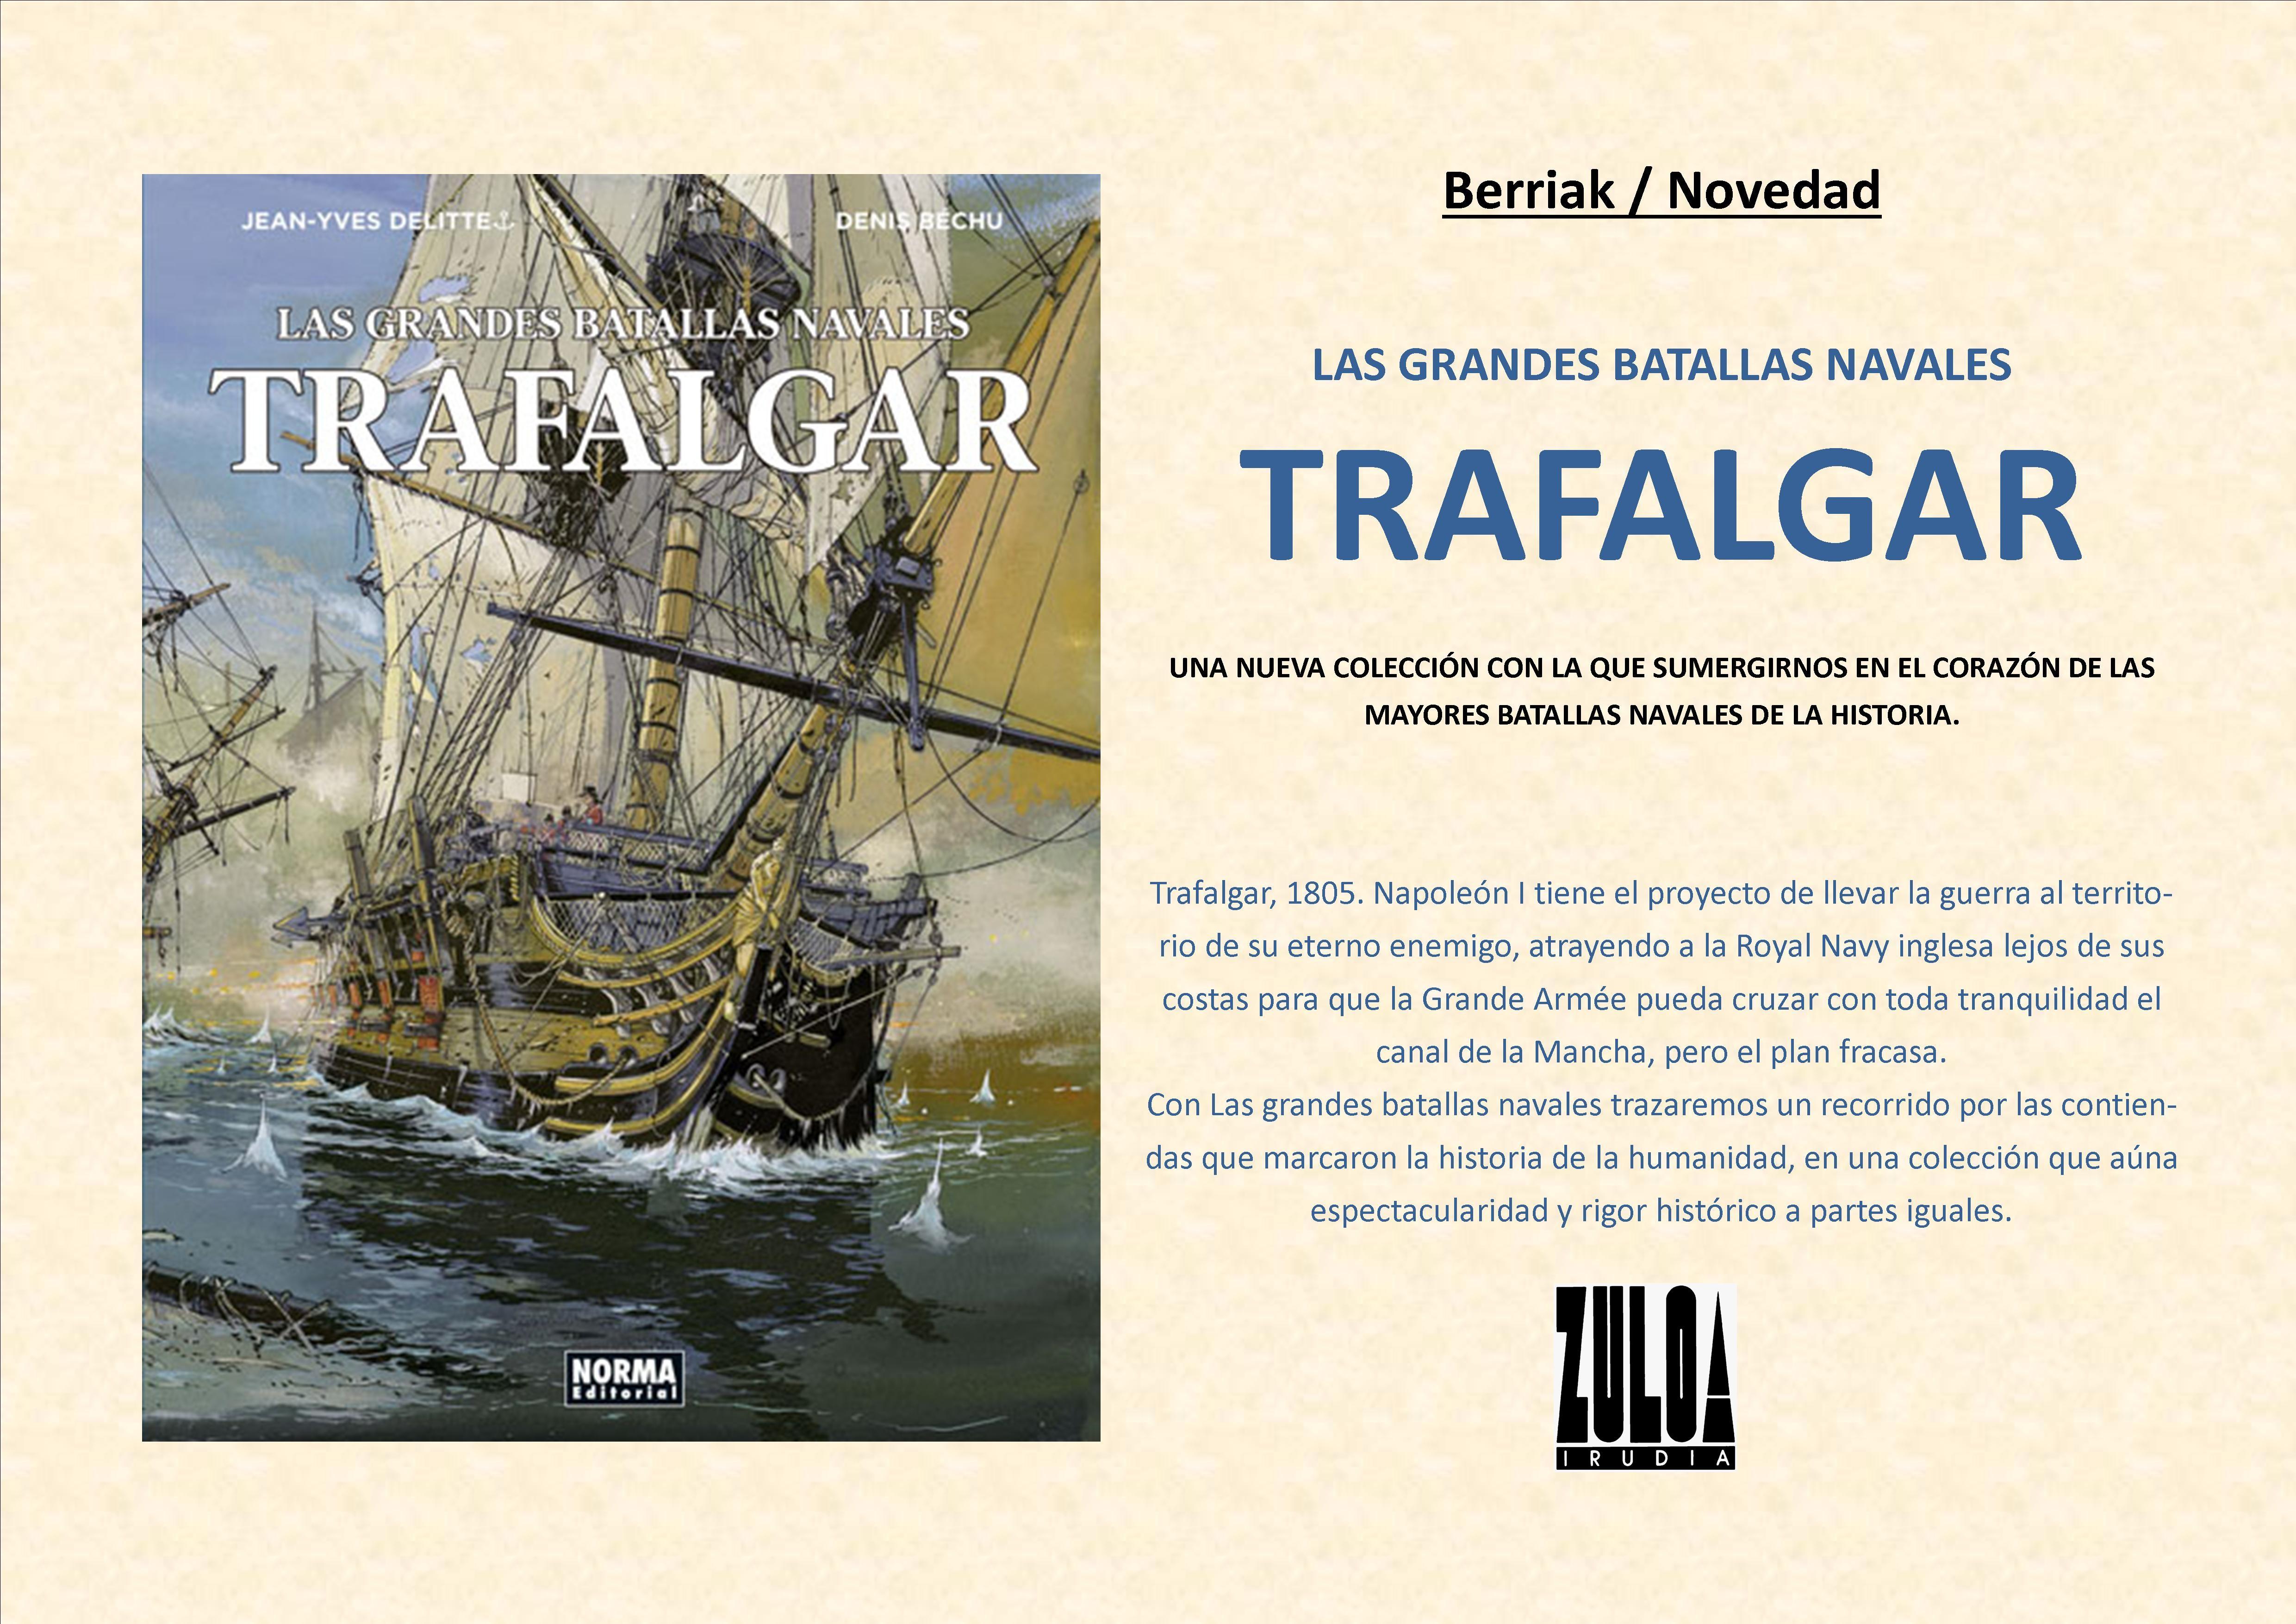 Trafalgar, comic